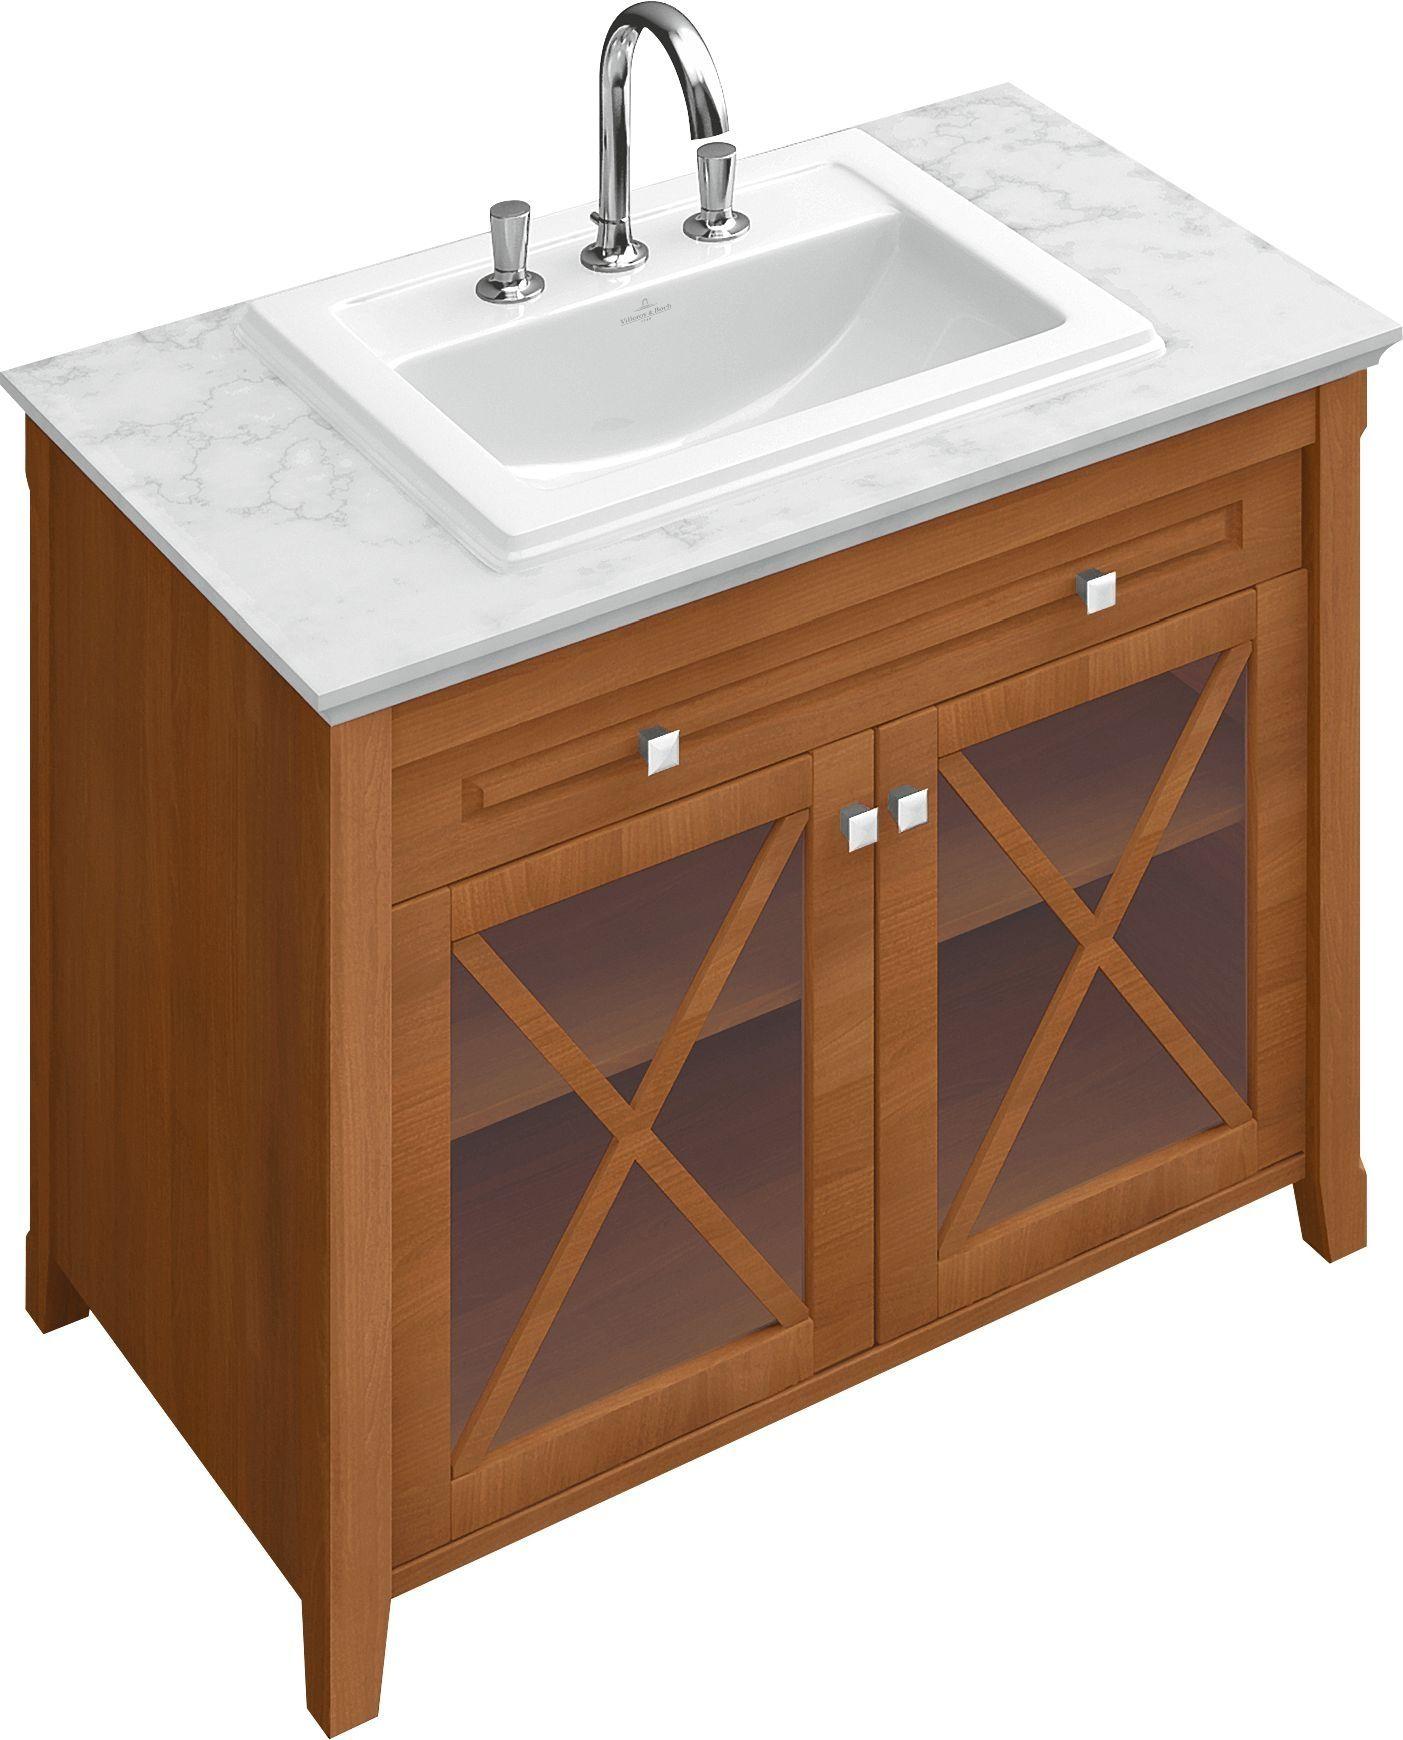 Villeroy & Boch Hommage Einbauwaschtisch B:63xT:52,5cm 3 Hahnlöcher mit Überlauf weiß mit Ceramicplus 7102A1R1